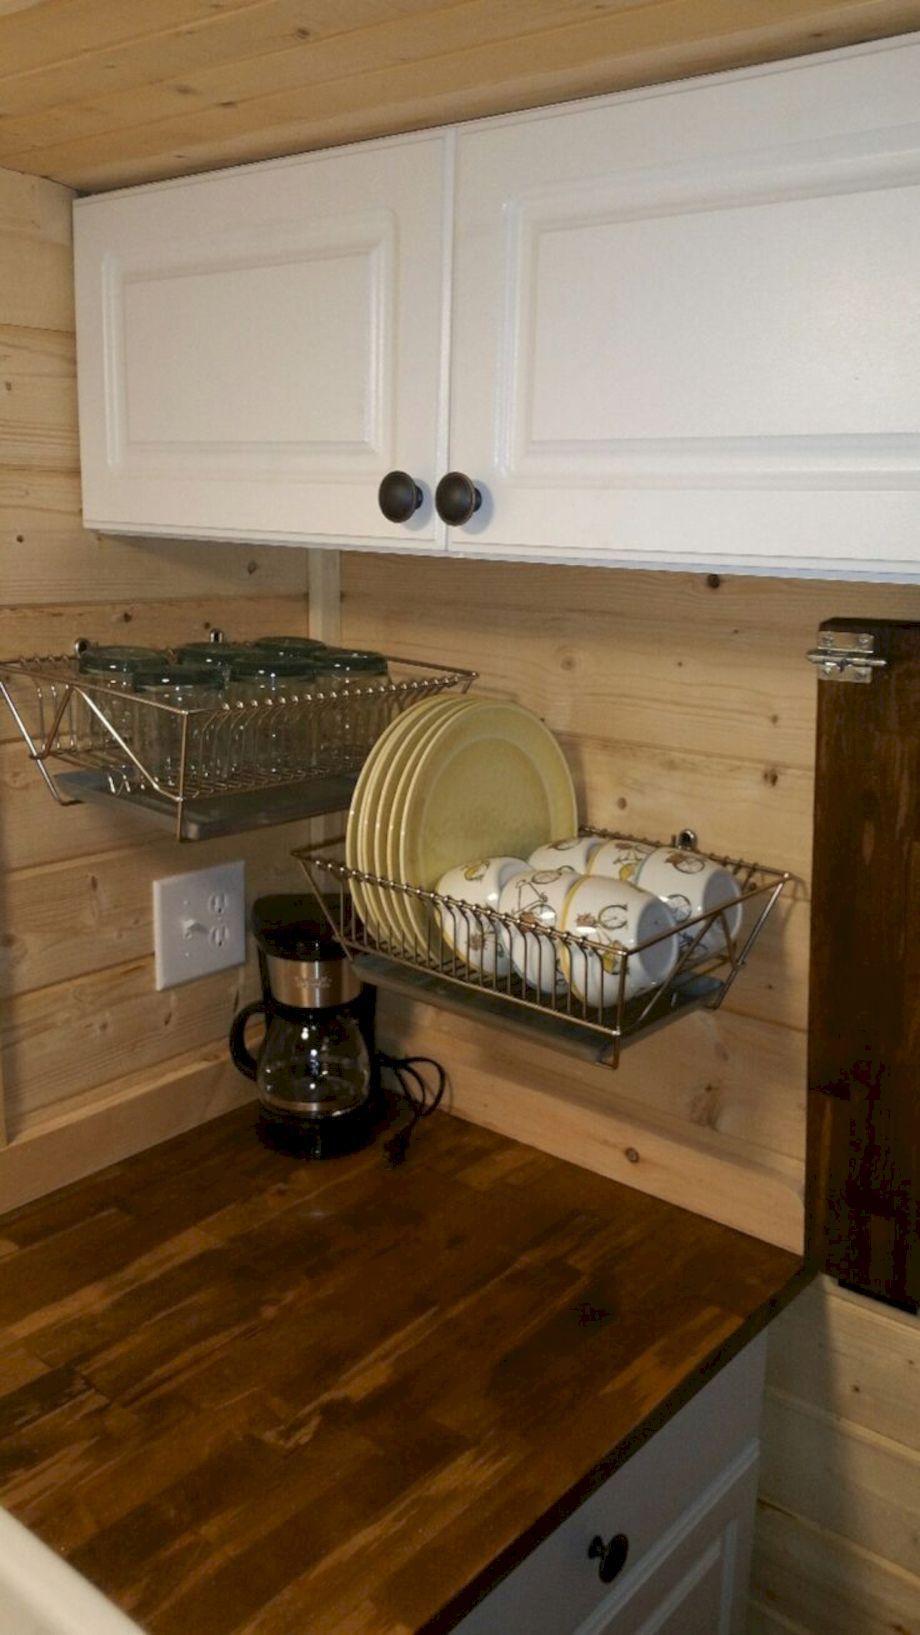 Küchenideen für wohnmobile pin von ines sandra schmidt auf mobiles reisen  pinterest